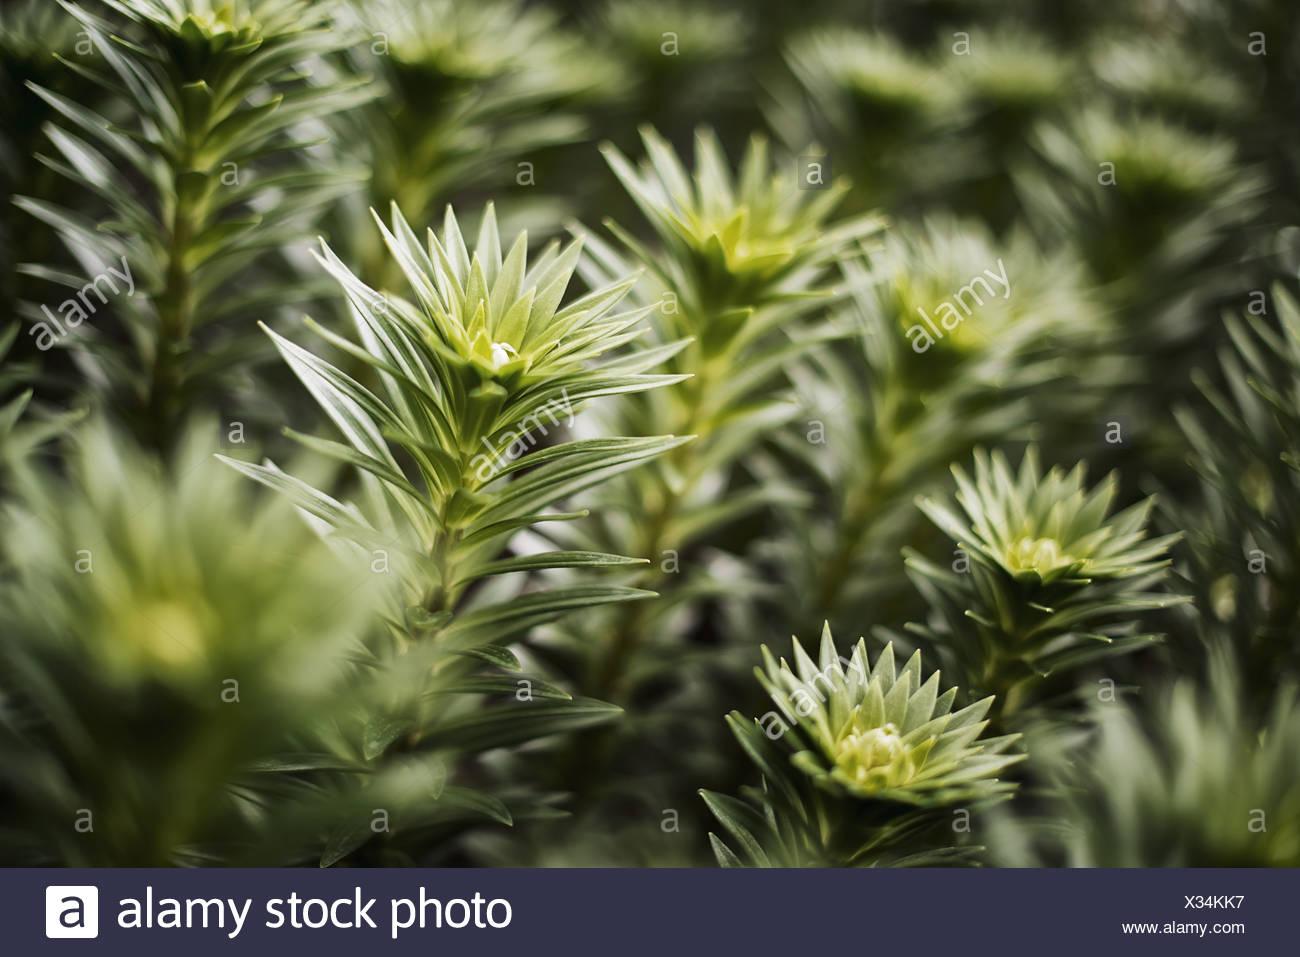 Woodstock New York STATI UNITI D'AMERICA organico crescono piante in serra broccoli la crescita Immagini Stock